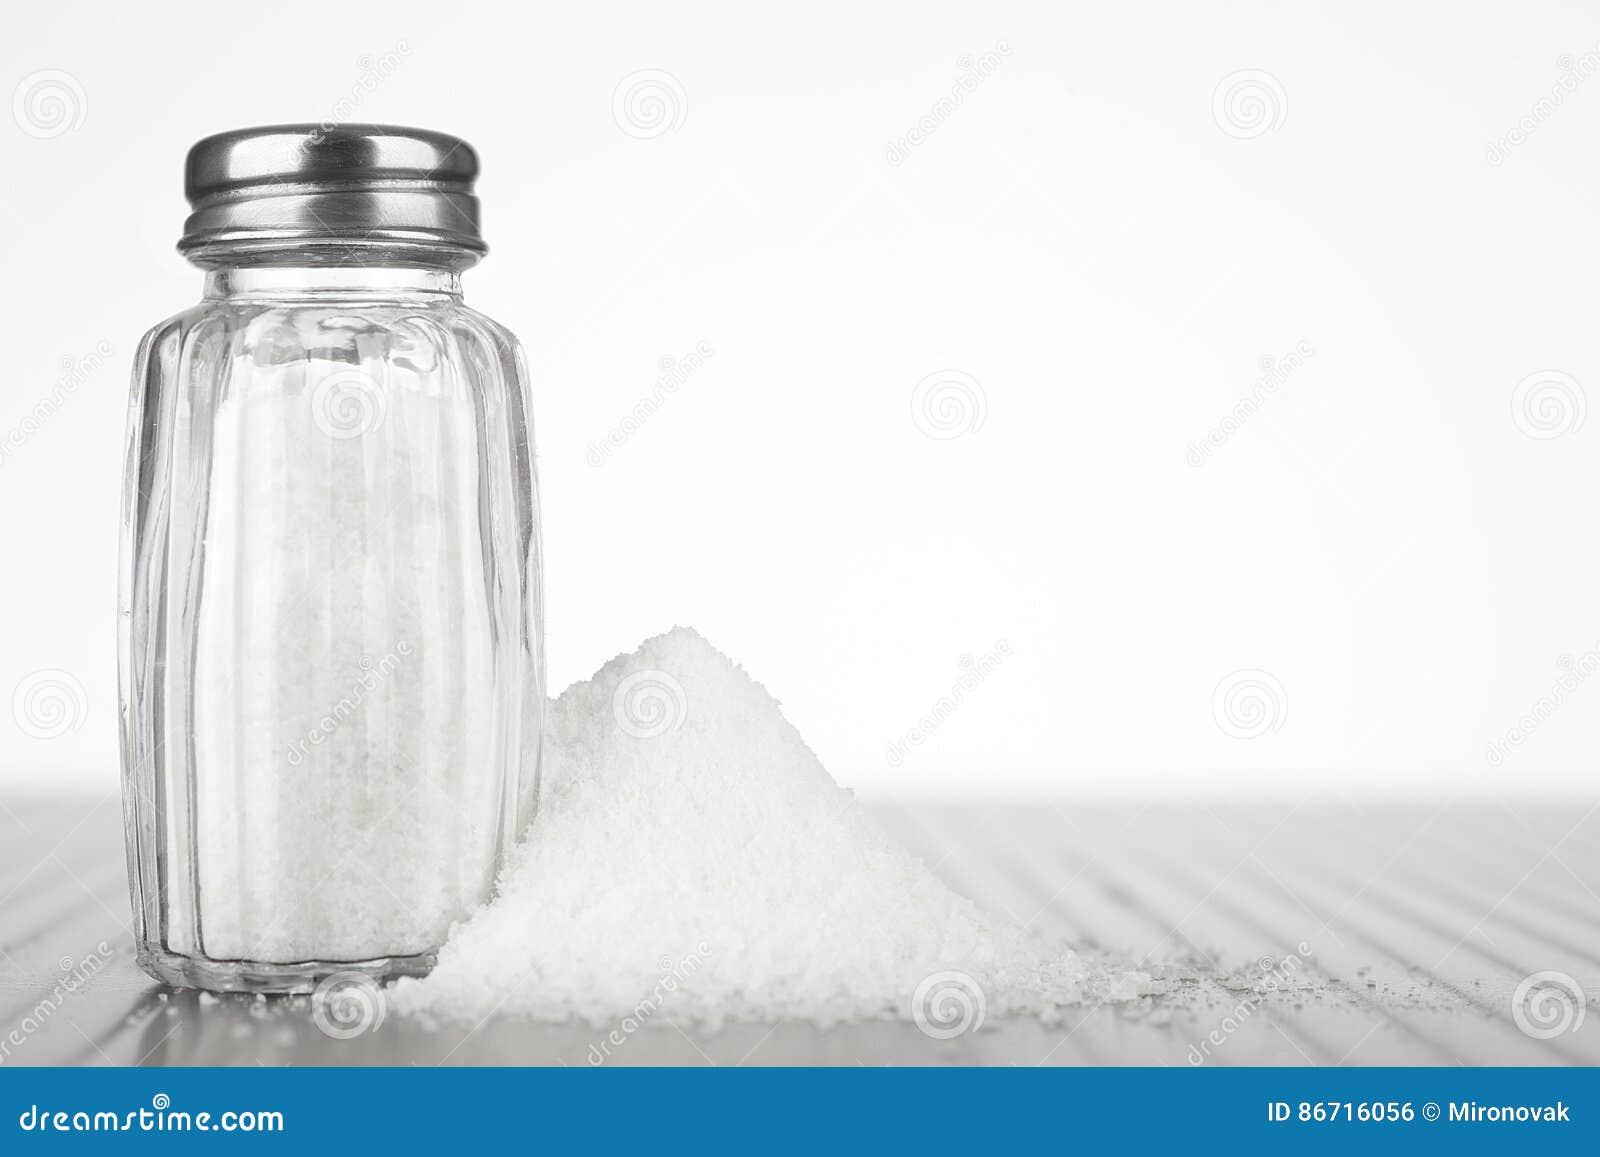 ścinku szklankę do ścieżki odizolowane sól white mieszadła